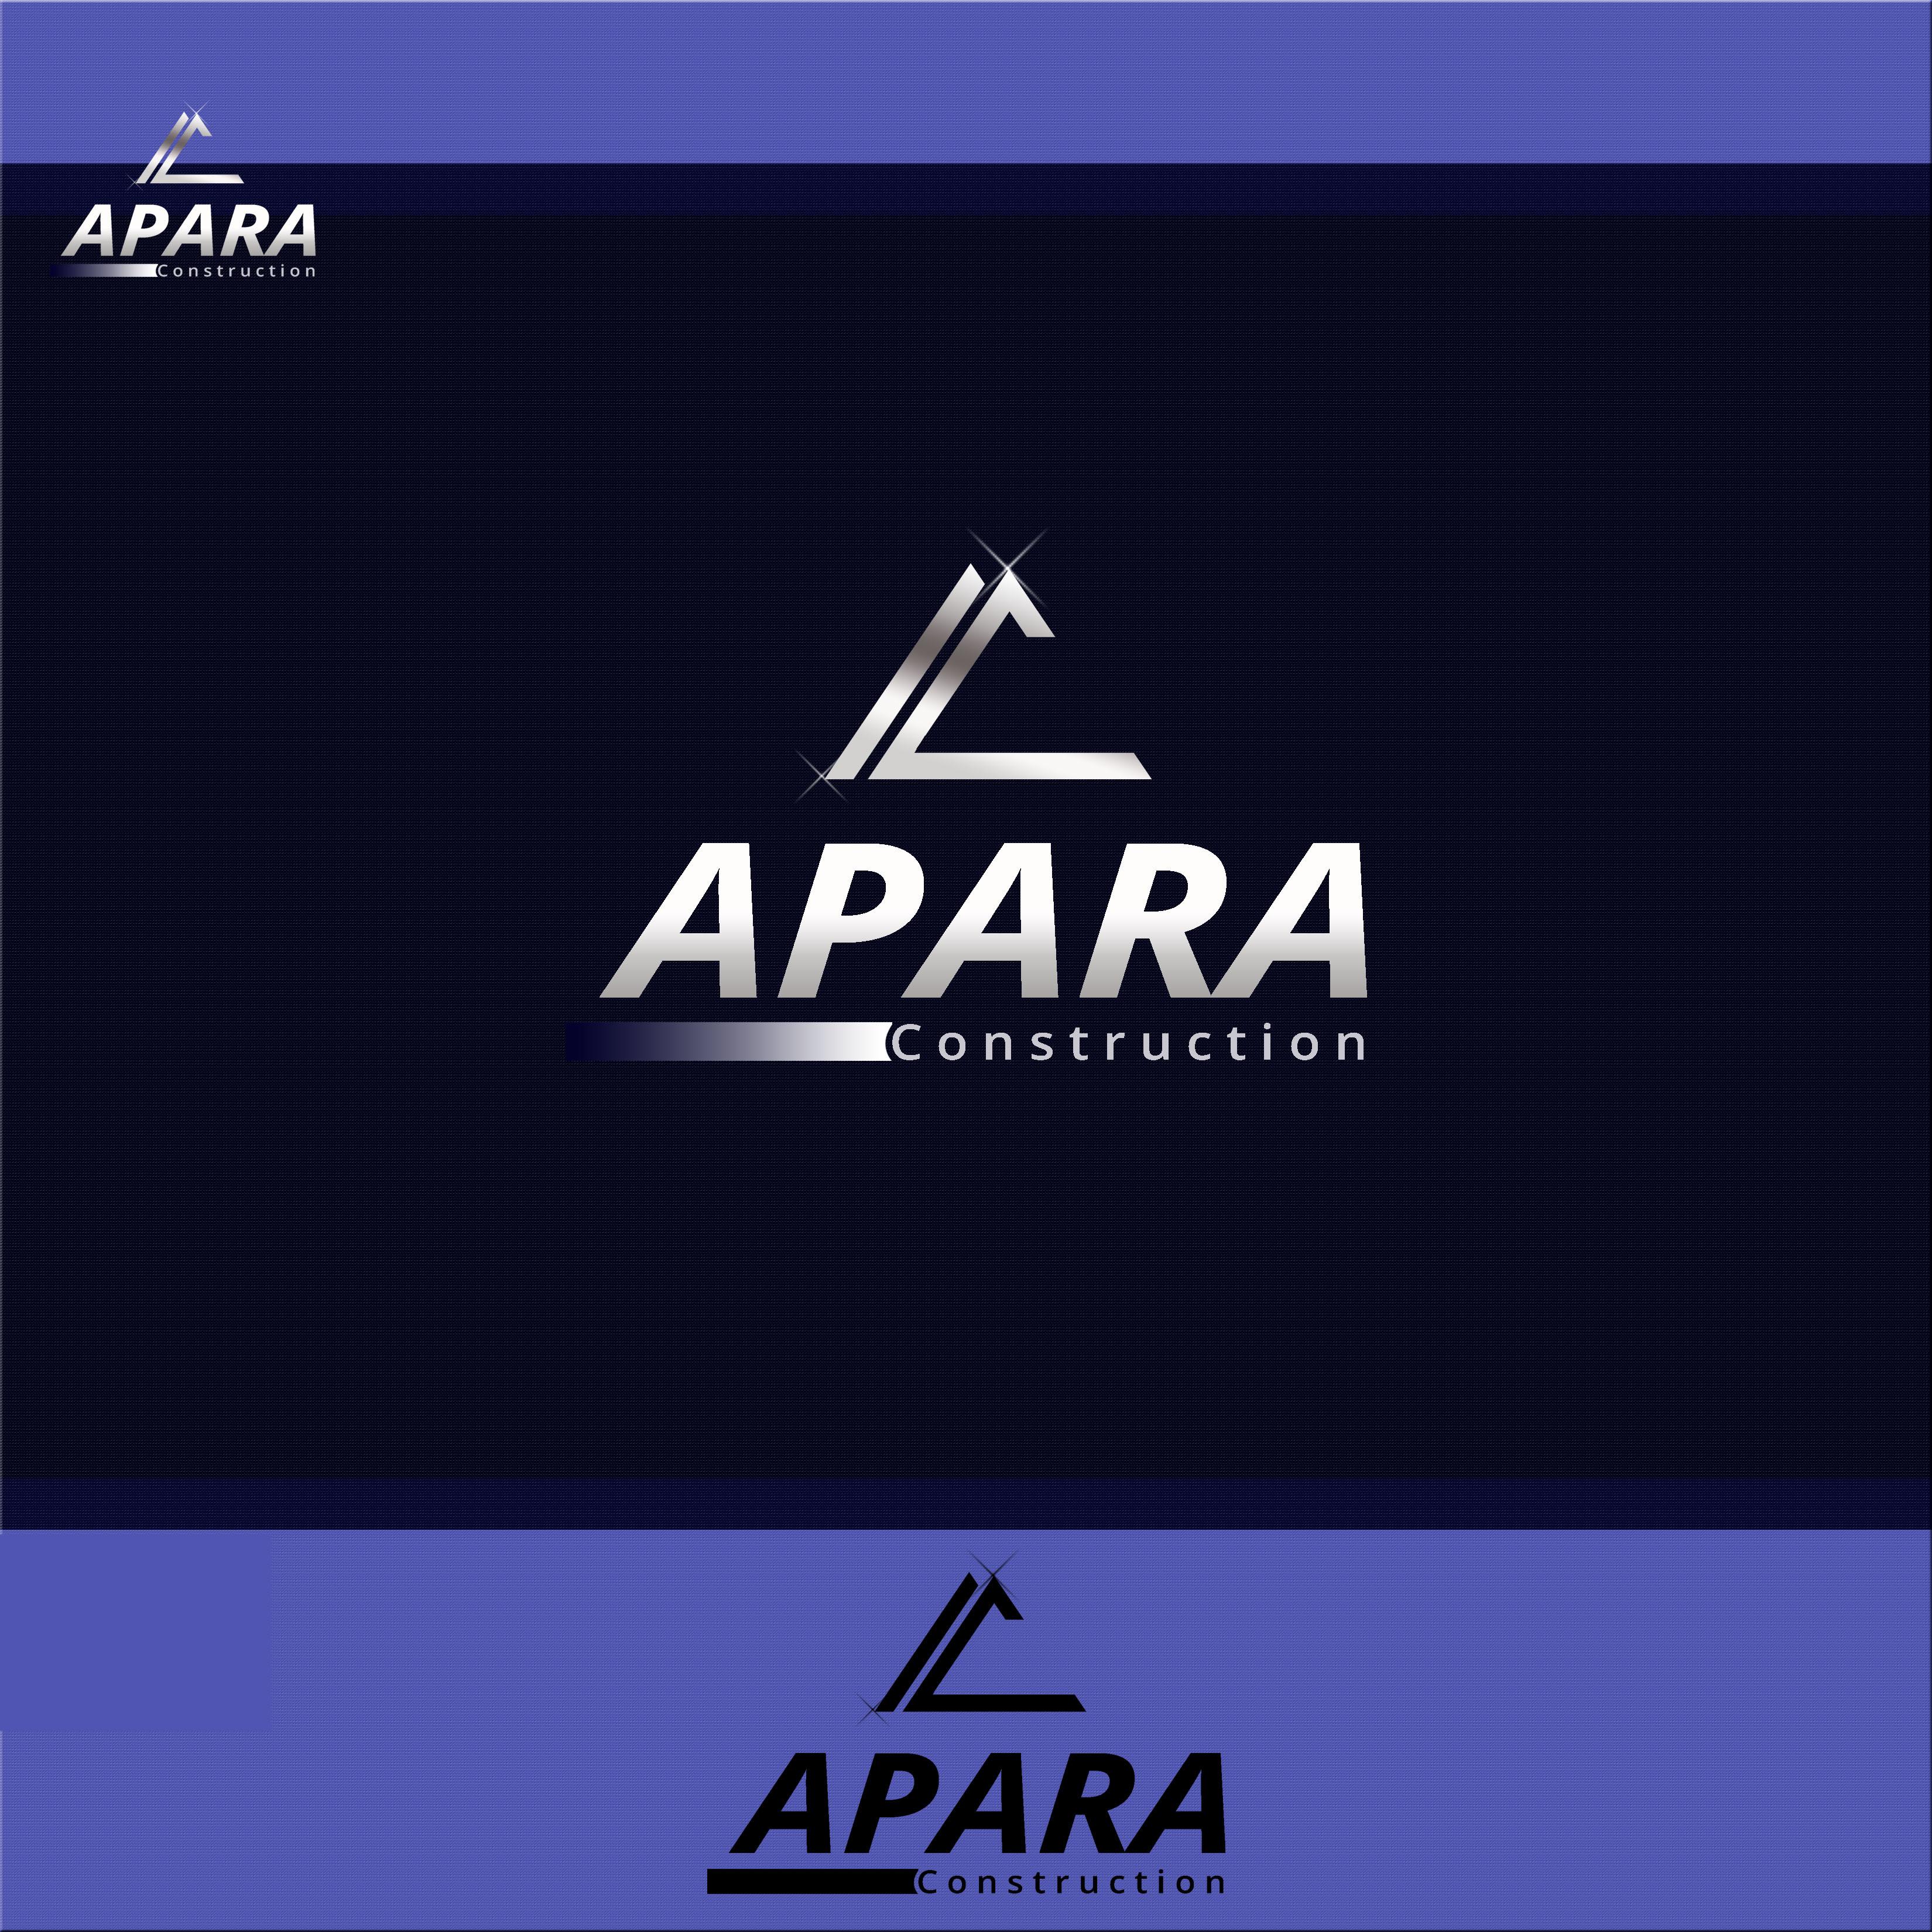 Logo Design by Allan Esclamado - Entry No. 164 in the Logo Design Contest Apara Construction Logo Design.